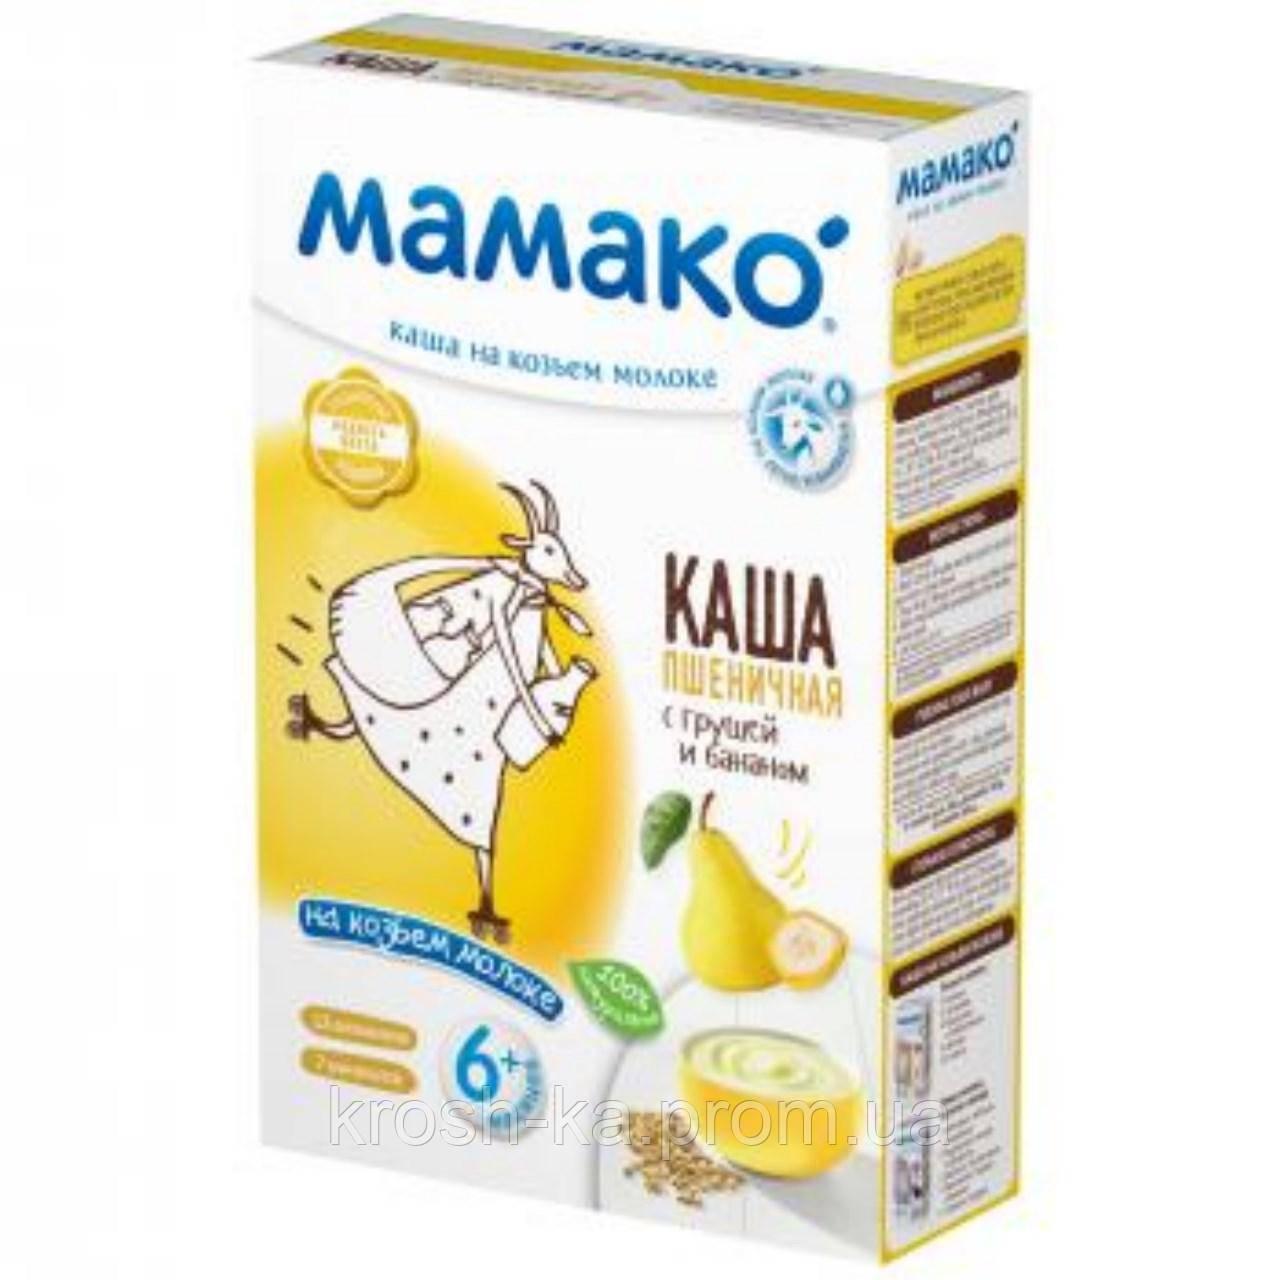 Каша молочная пшеничная с грушей и бананом на козьем молоке 6м+ 200г Мамако 1105408